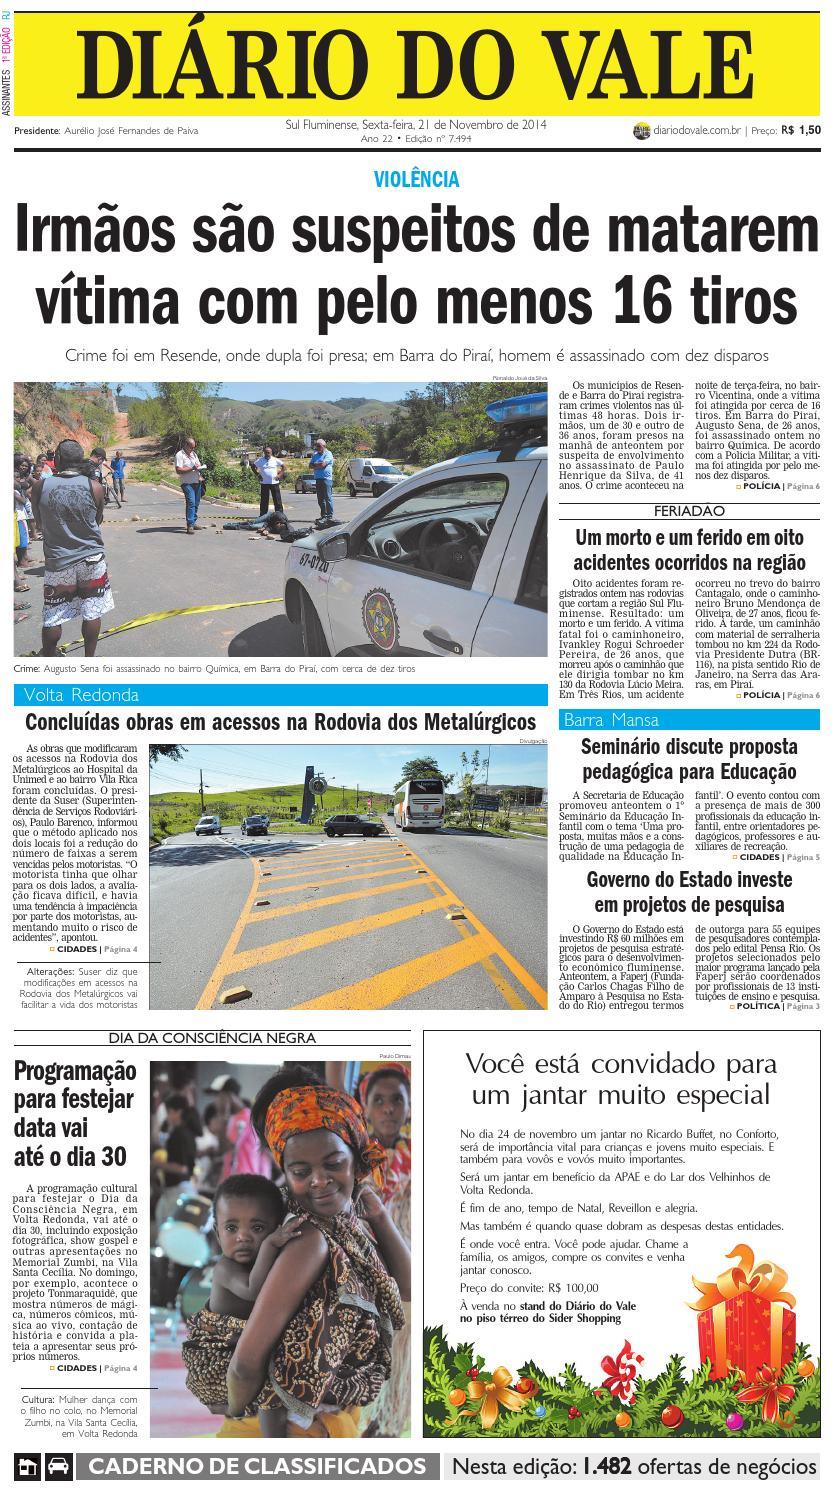 7494 diario sexta feira 21 11 2014 by Diário do Vale - issuu e3d731ef6bf